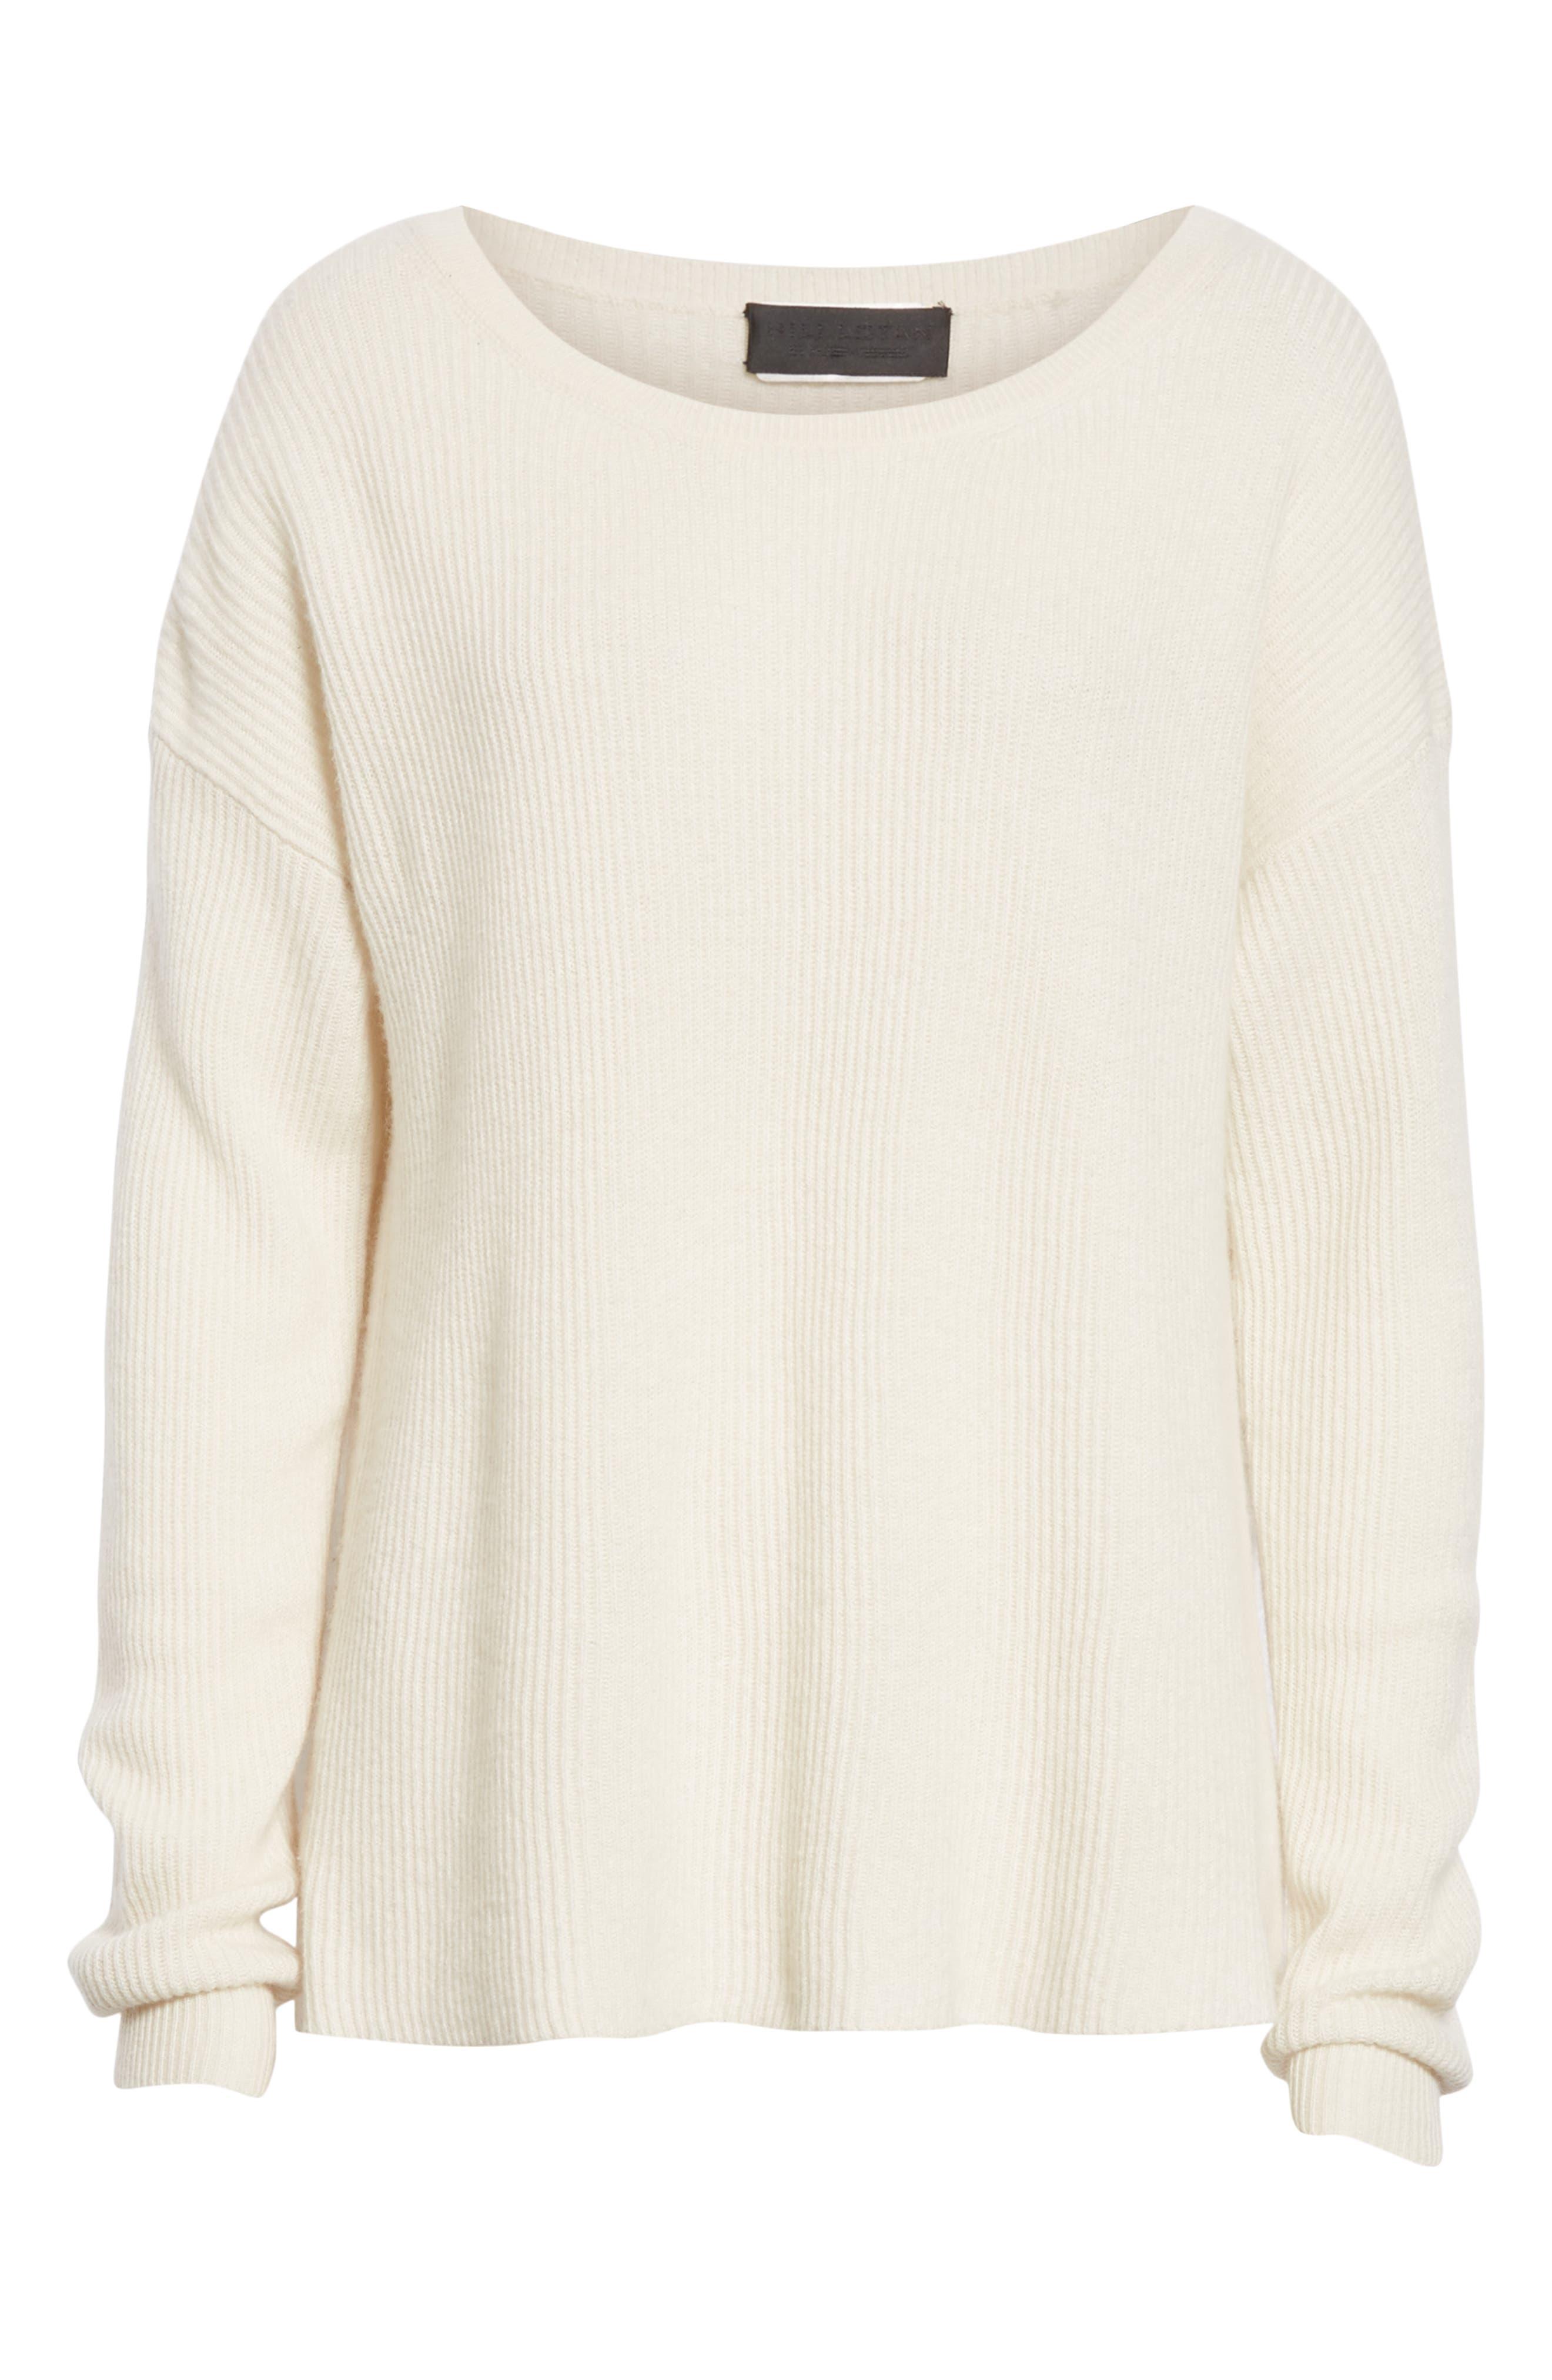 NILI LOTAN, Hadis Cashmere Sweater, Alternate thumbnail 6, color, IVORY